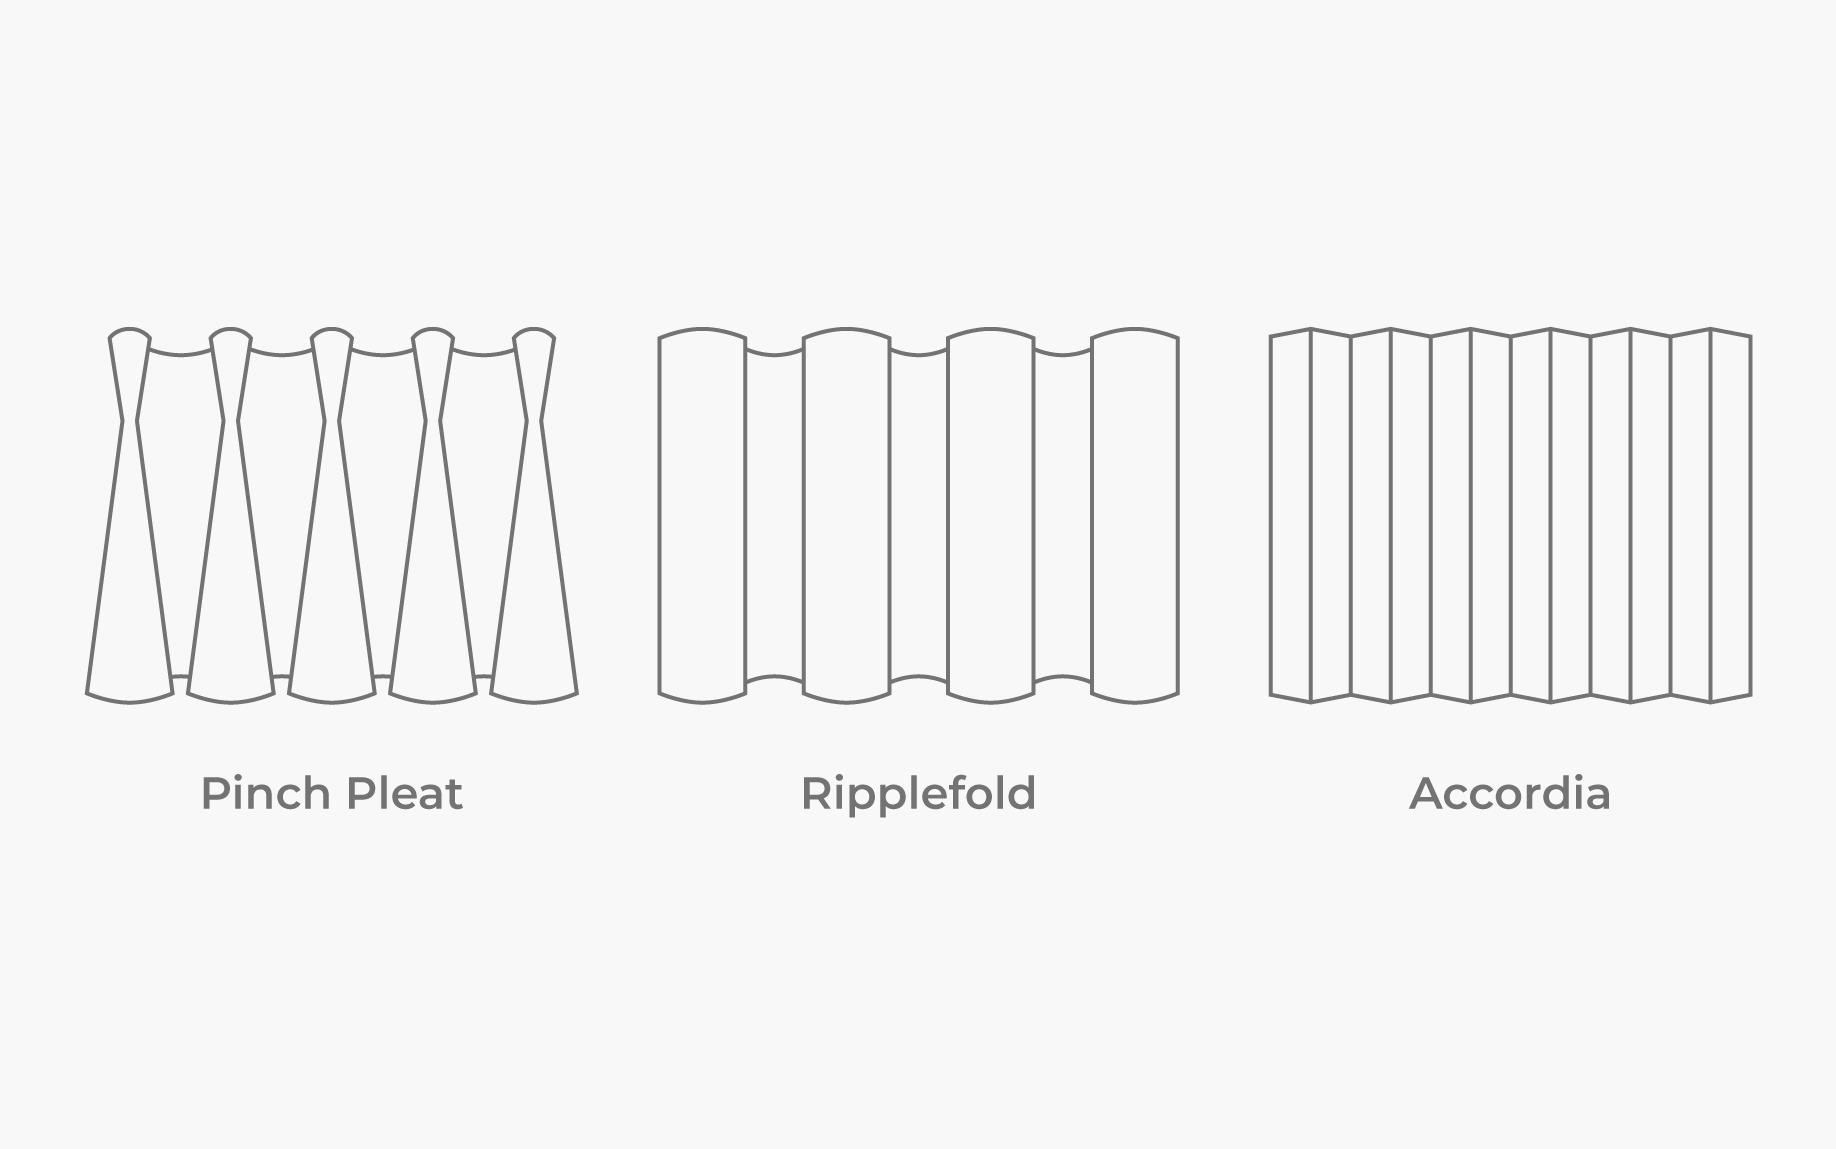 Veil fabric type